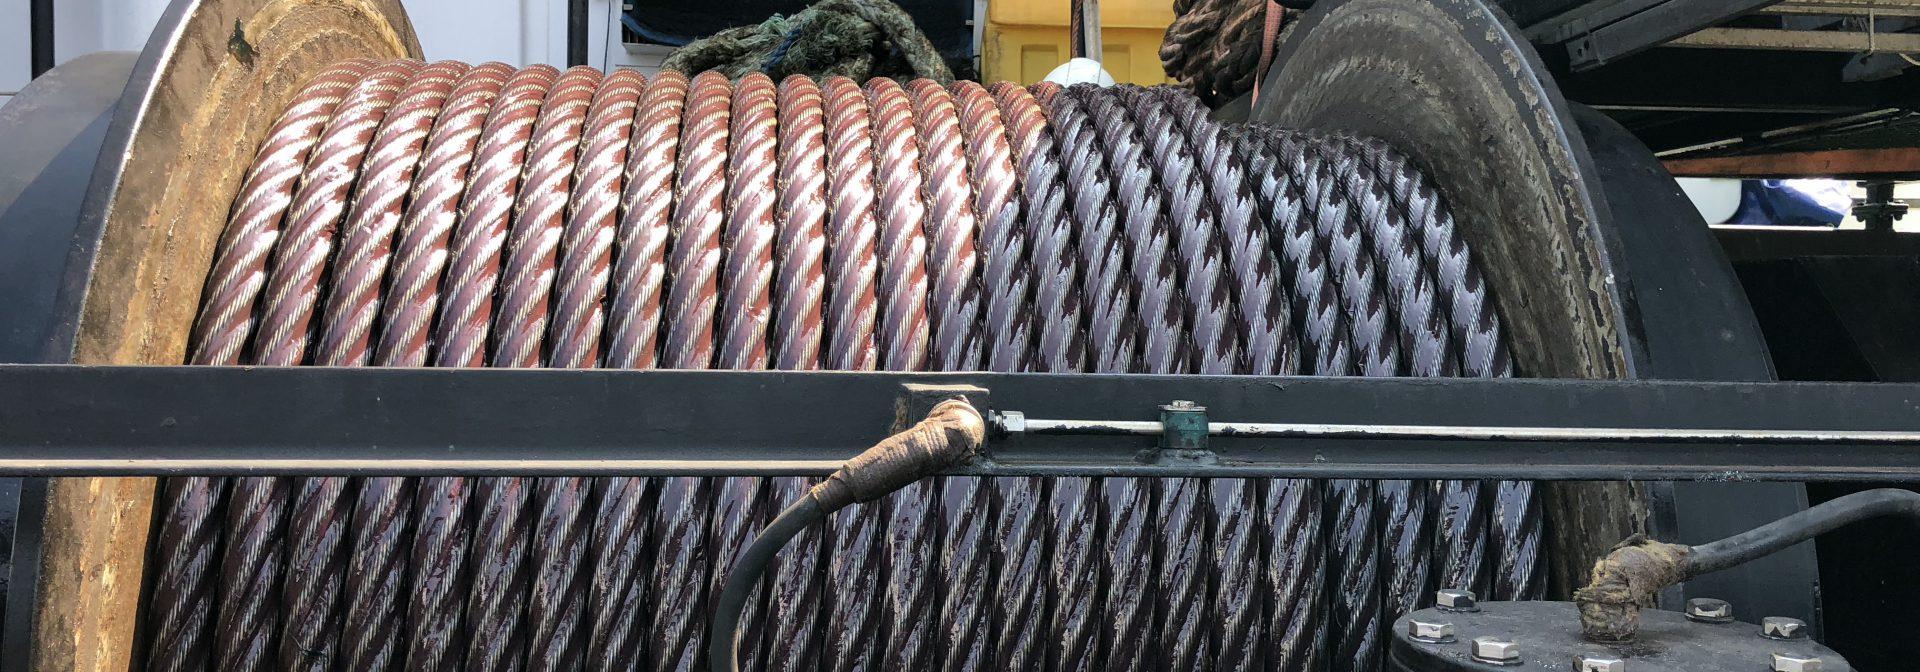 Gesmeerde staalkabel